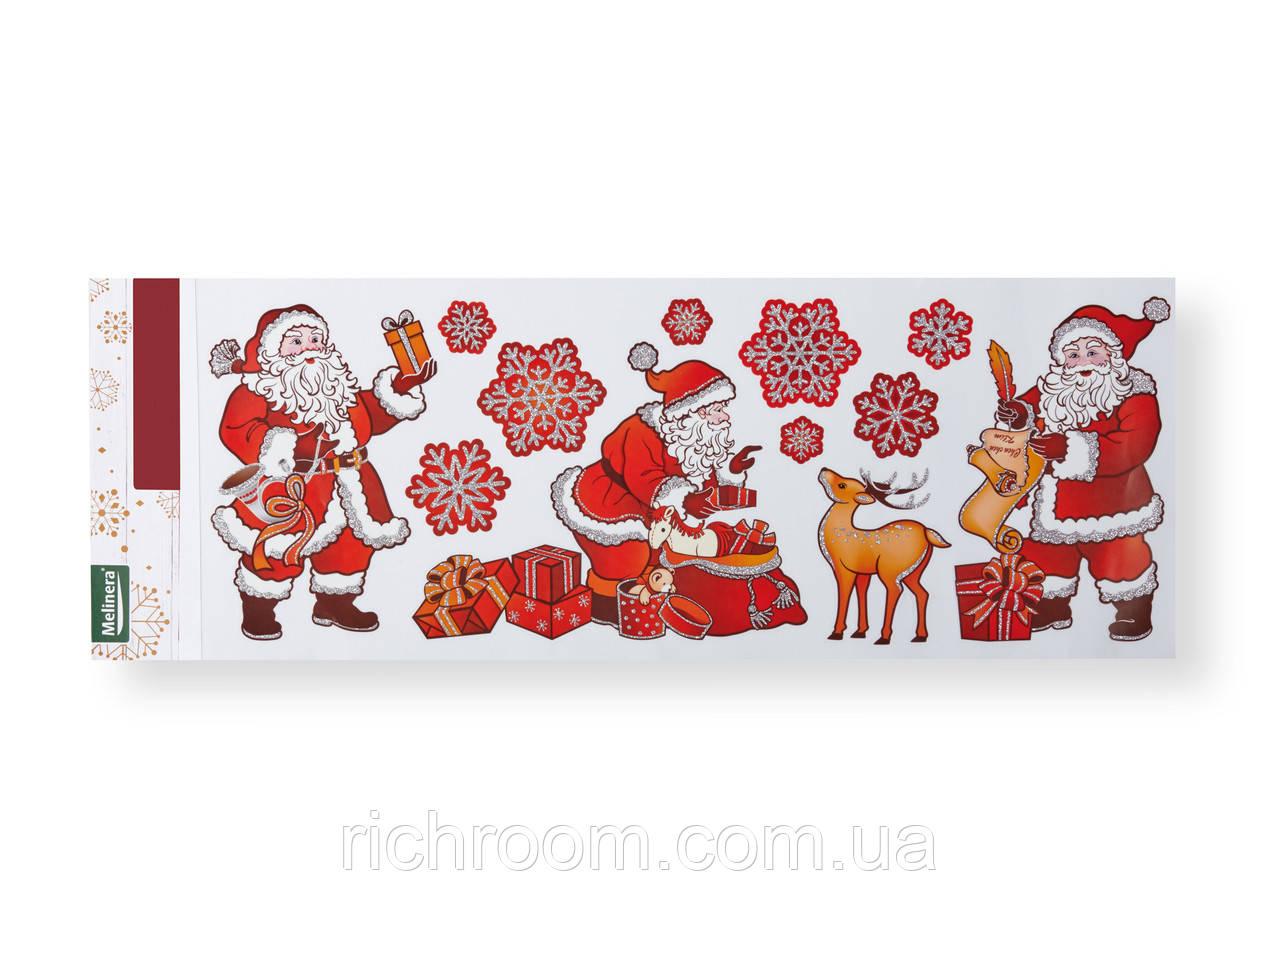 """Набор новогодних наклеек для окон """"Деды Морозы"""", 12 шт., Melinera, наклейки новогодние 59 х 21 см"""